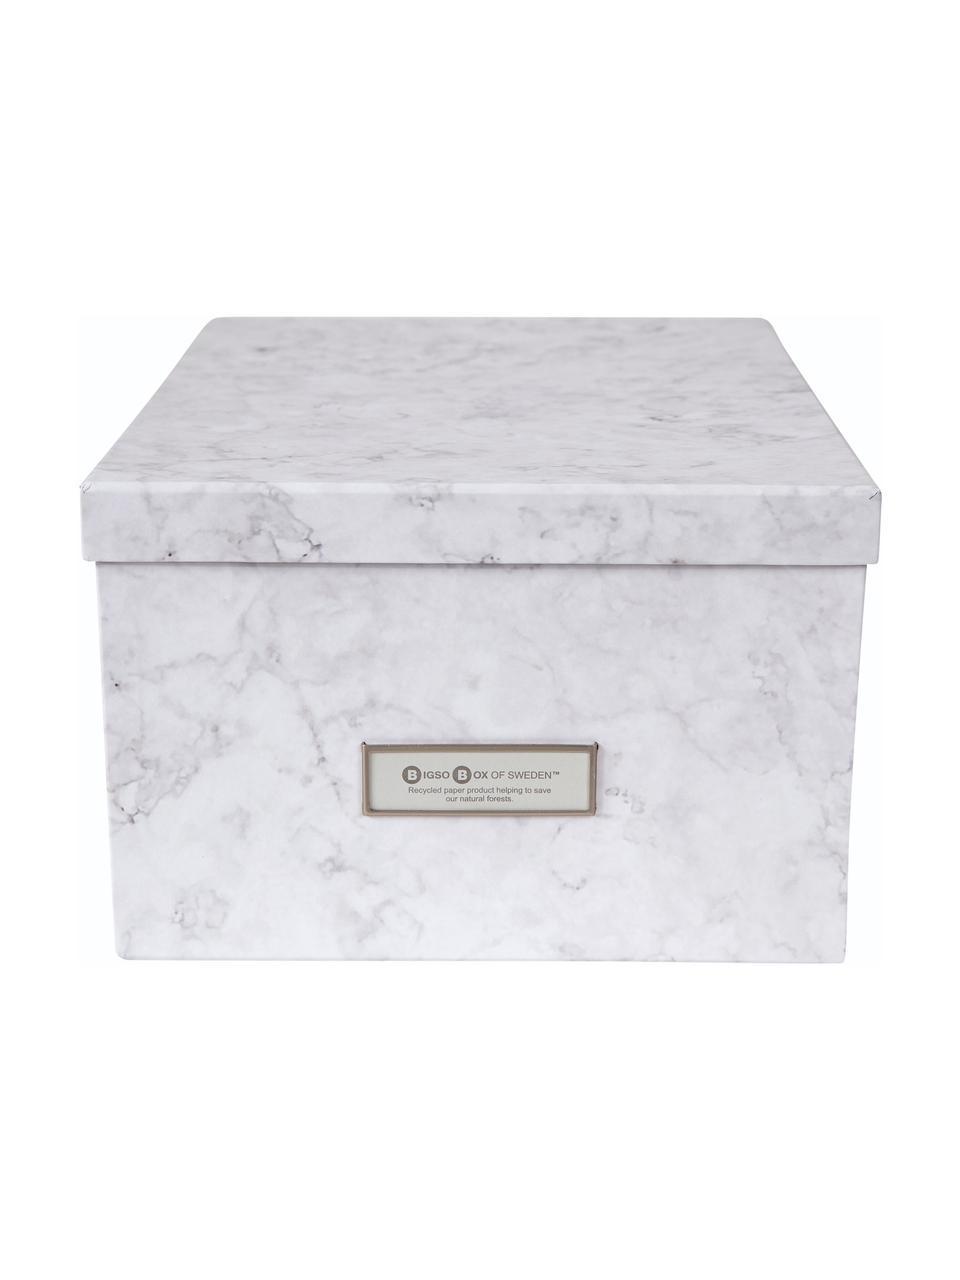 Scatola con coperchio Gustav, Scatola: solido cartone laminato, Bianco, marmorizzato, Larg. 30 x Alt. 15 cm